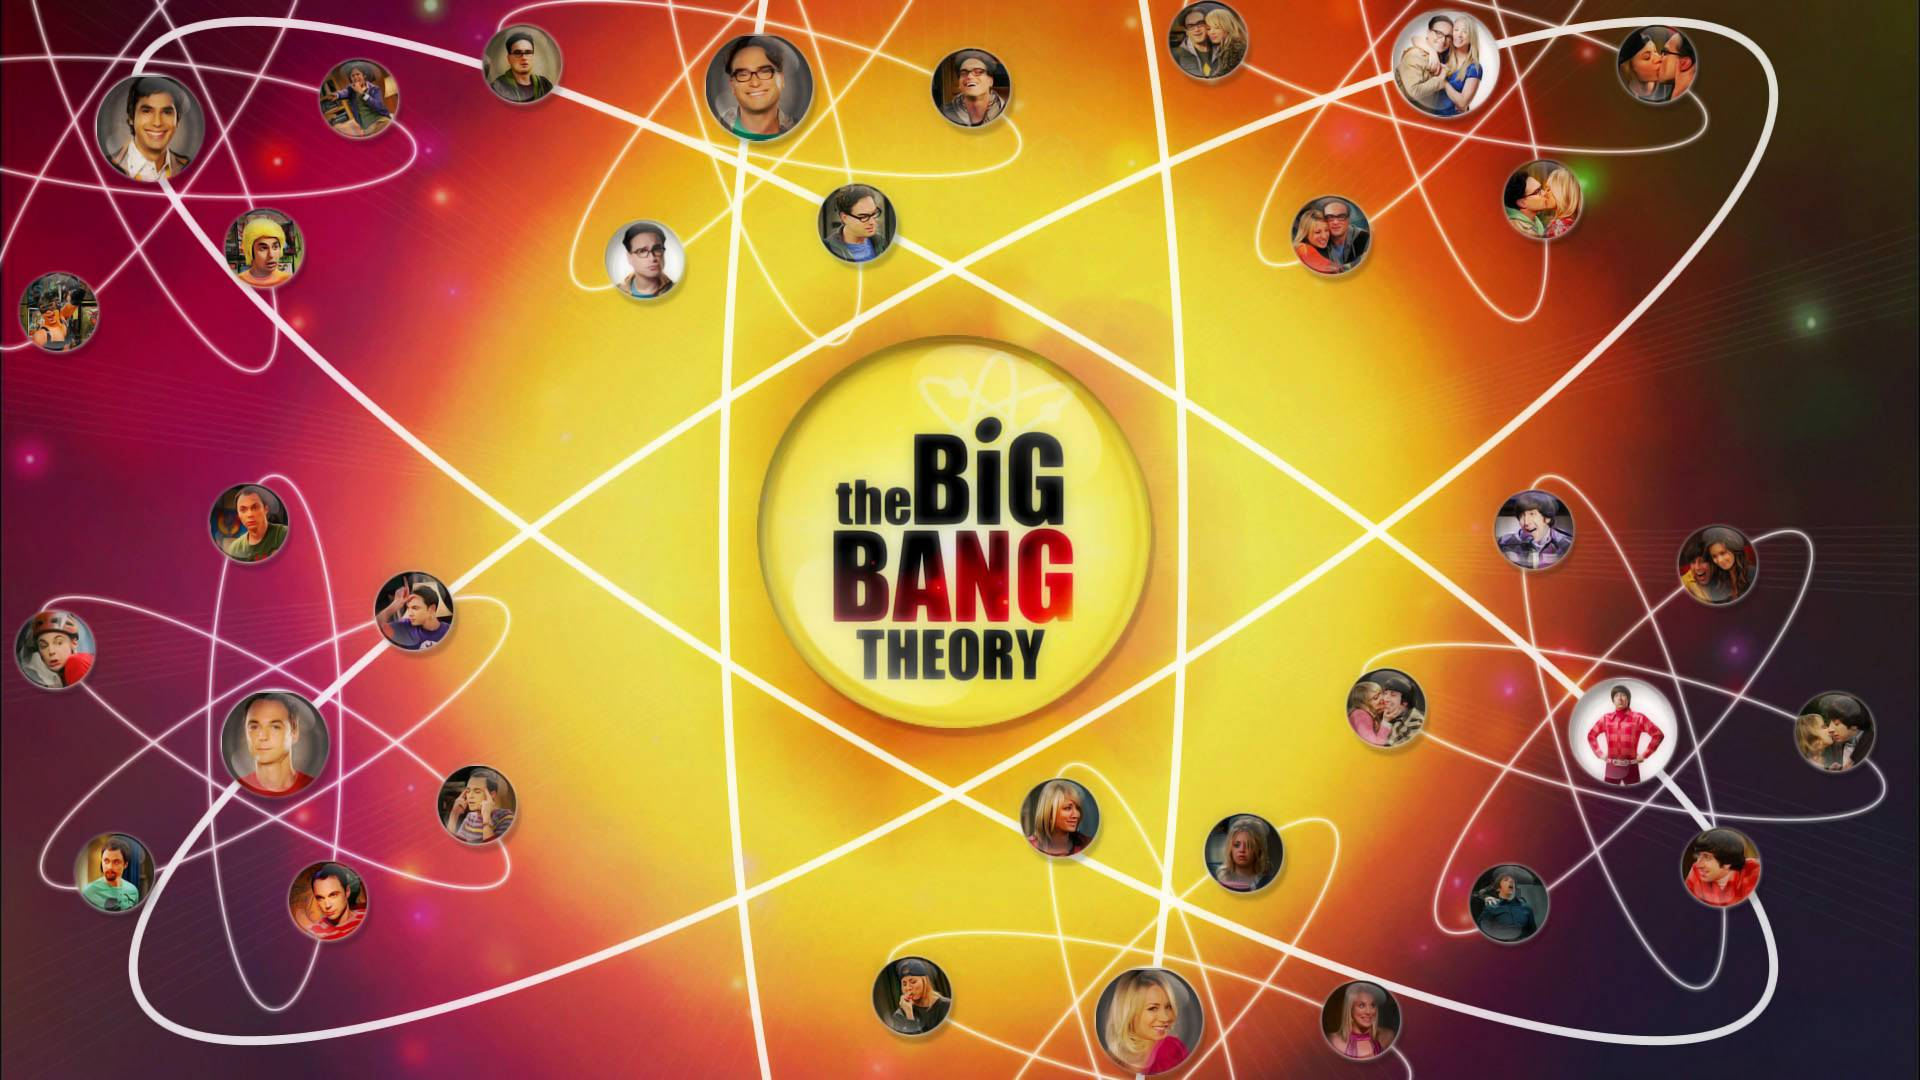 The Big Bang Theory Computer Wallpapers Desktop